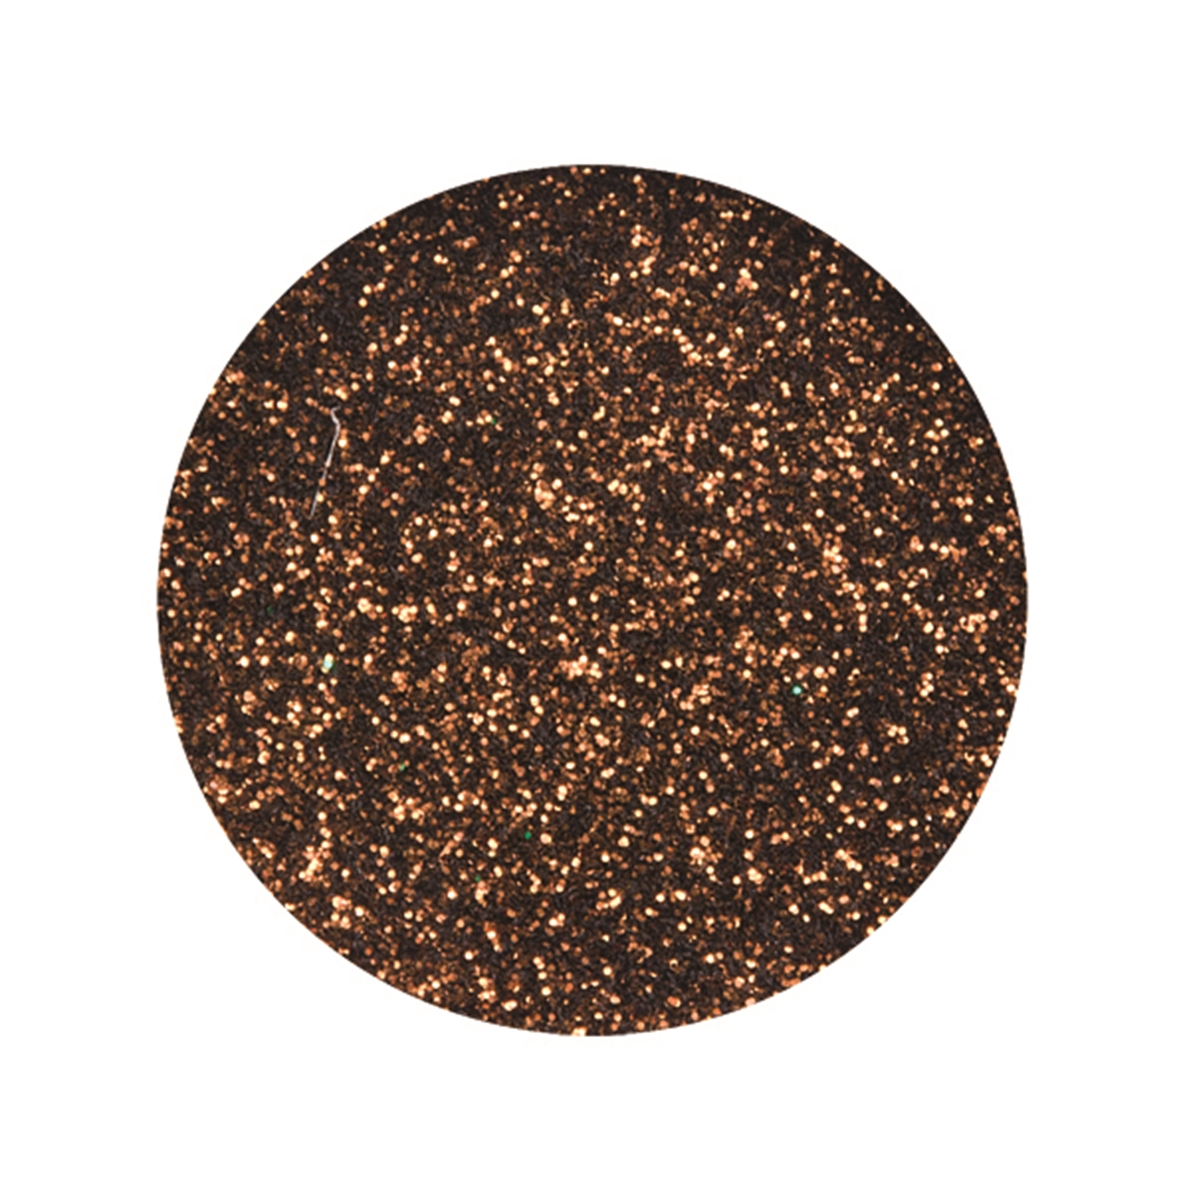 Boîte de 10 g de paillettes ultrafines - Coloris marron